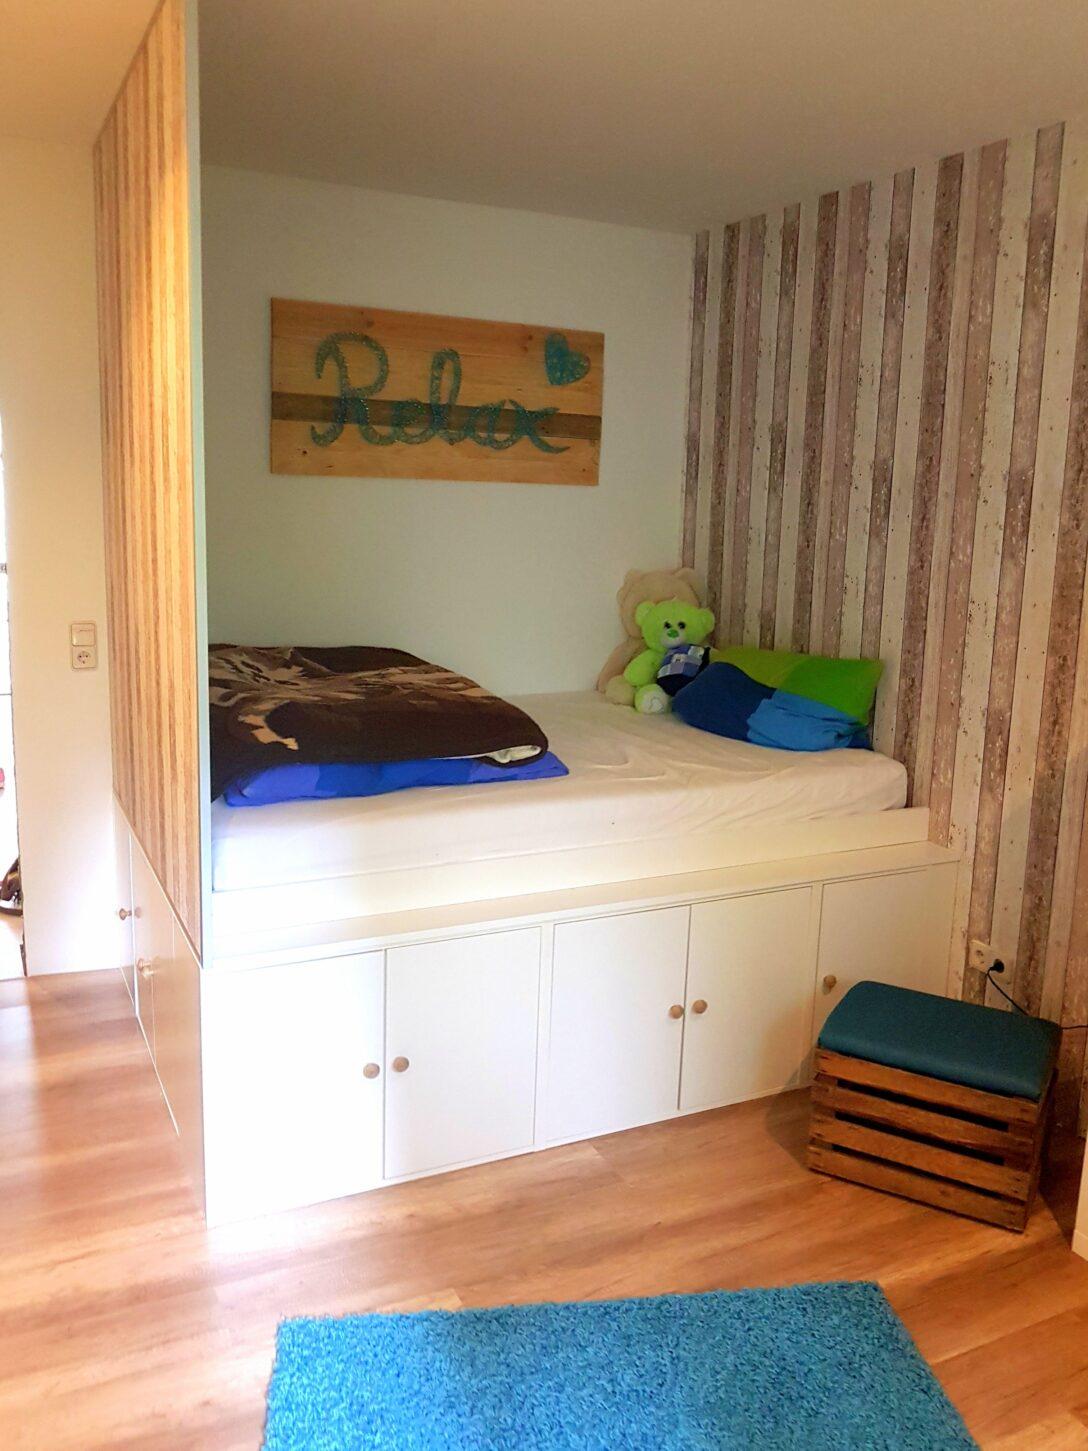 Large Size of Ikea Küchen Unterschrank Diy Jugendzimmer Hochbett Mit Kchenschrnken Als Unterbau Küche Kosten Betten Bei Badezimmer Kaufen Bad Holz Eckunterschrank Regal Wohnzimmer Ikea Küchen Unterschrank